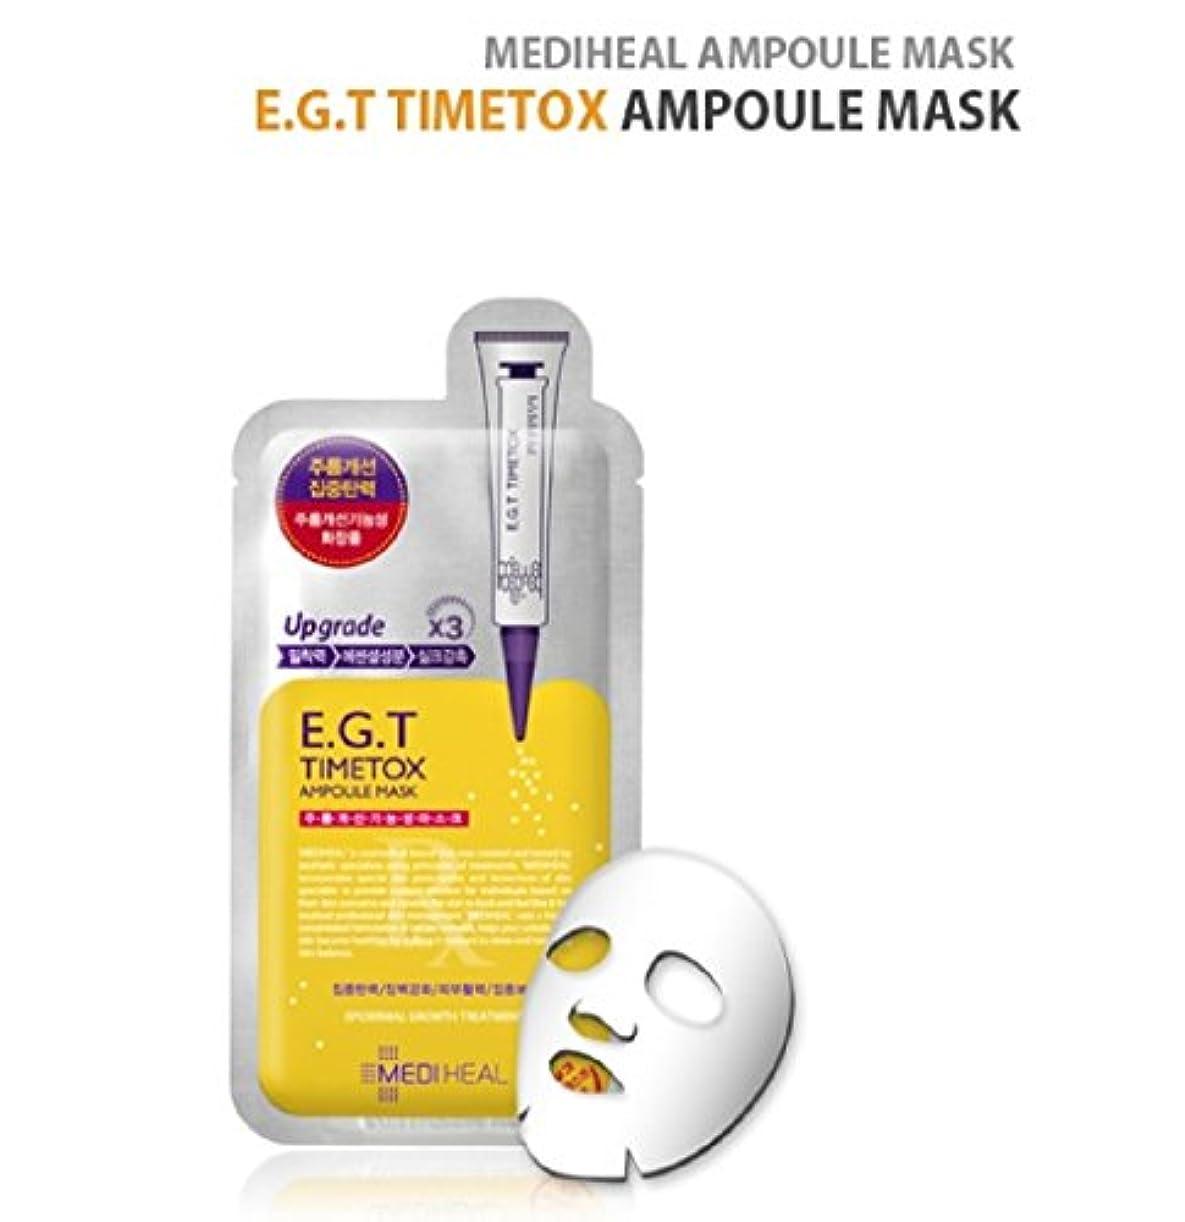 スピン一時停止渇き【メディヒール】Timetoxアンプルマスクパック (10枚)5Upgrade MEDIHEAL E.G.T Timetox Ampule Mask Pack REX 10 piece [並行輸入品]